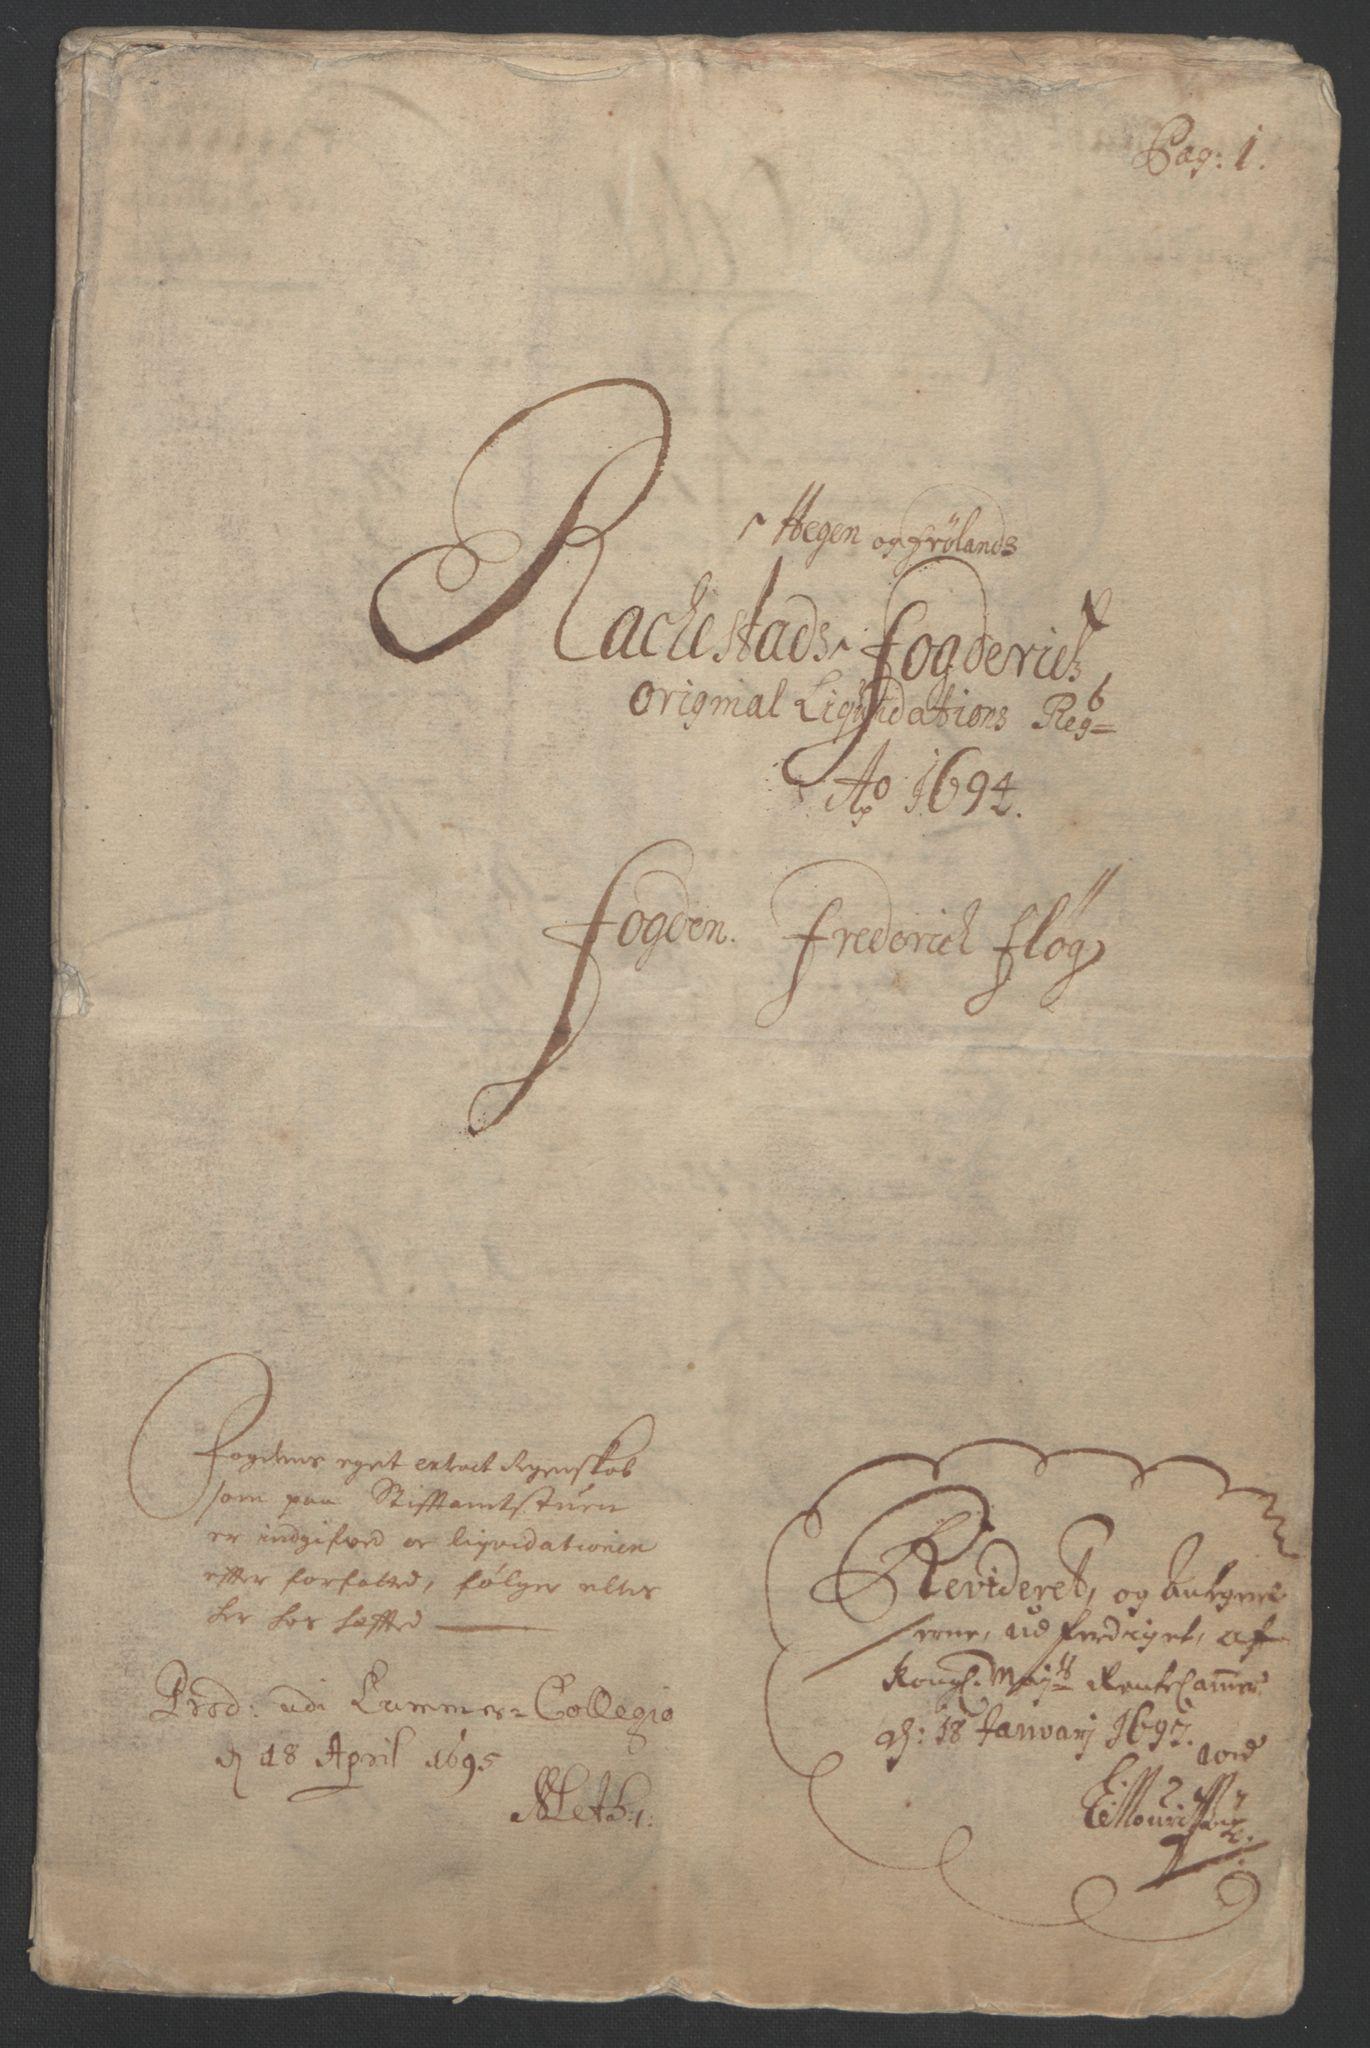 RA, Rentekammeret inntil 1814, Reviderte regnskaper, Fogderegnskap, R07/L0284: Fogderegnskap Rakkestad, Heggen og Frøland, 1694, s. 4